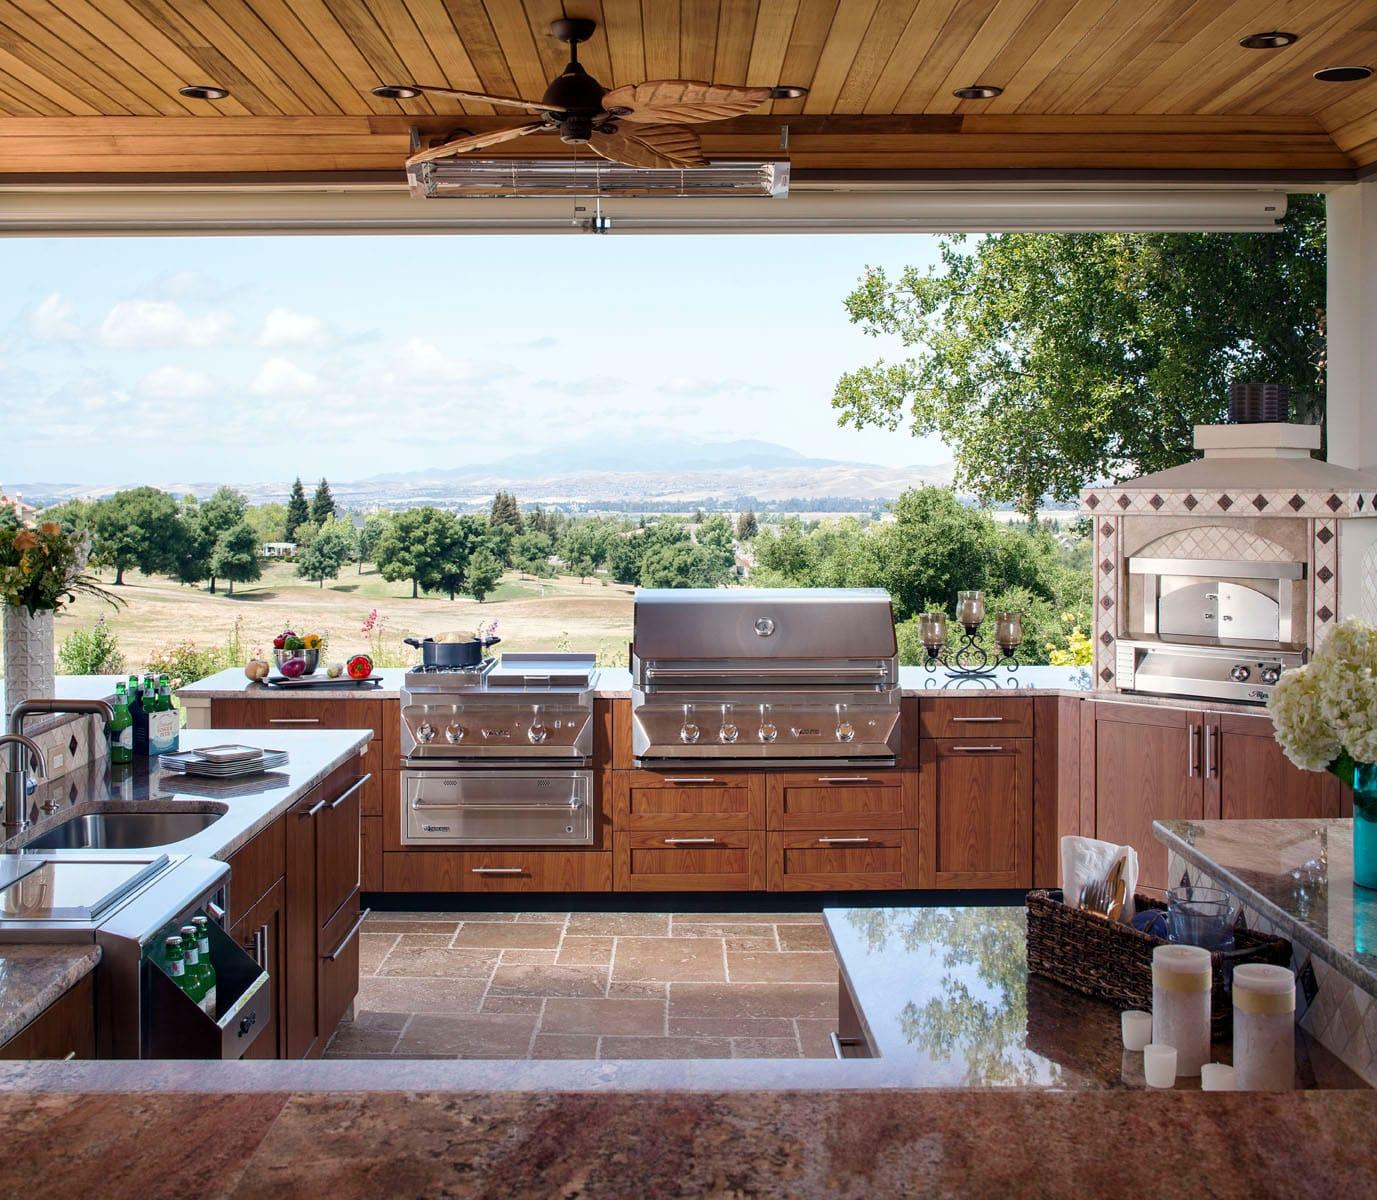 Outdoor Kitchen Cabinets Villa Terrazza Patio Furniture Sonoma 707 933 8286